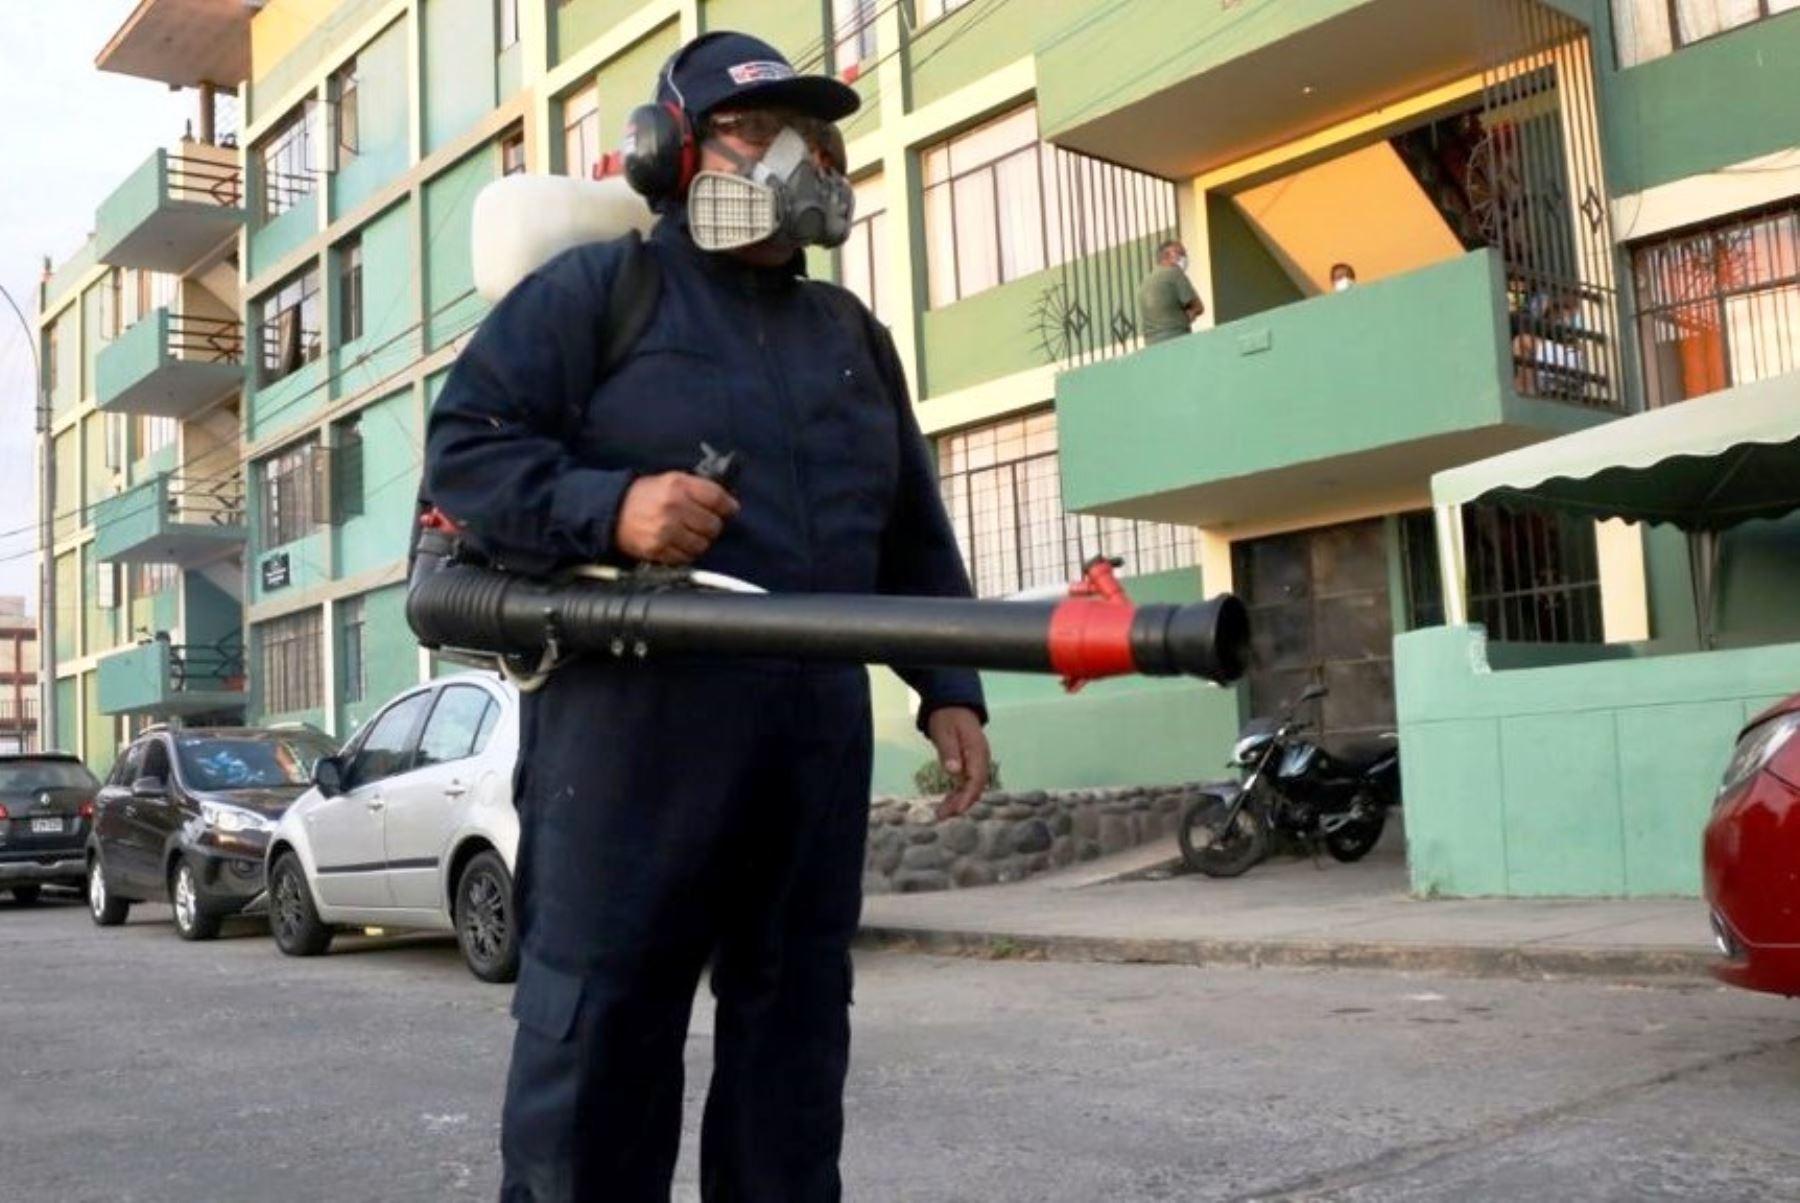 Minsa fumigó primeras 100 viviendas en Cercado de Lima ante casos de dengue. Foto: ANDINA/Difusión.